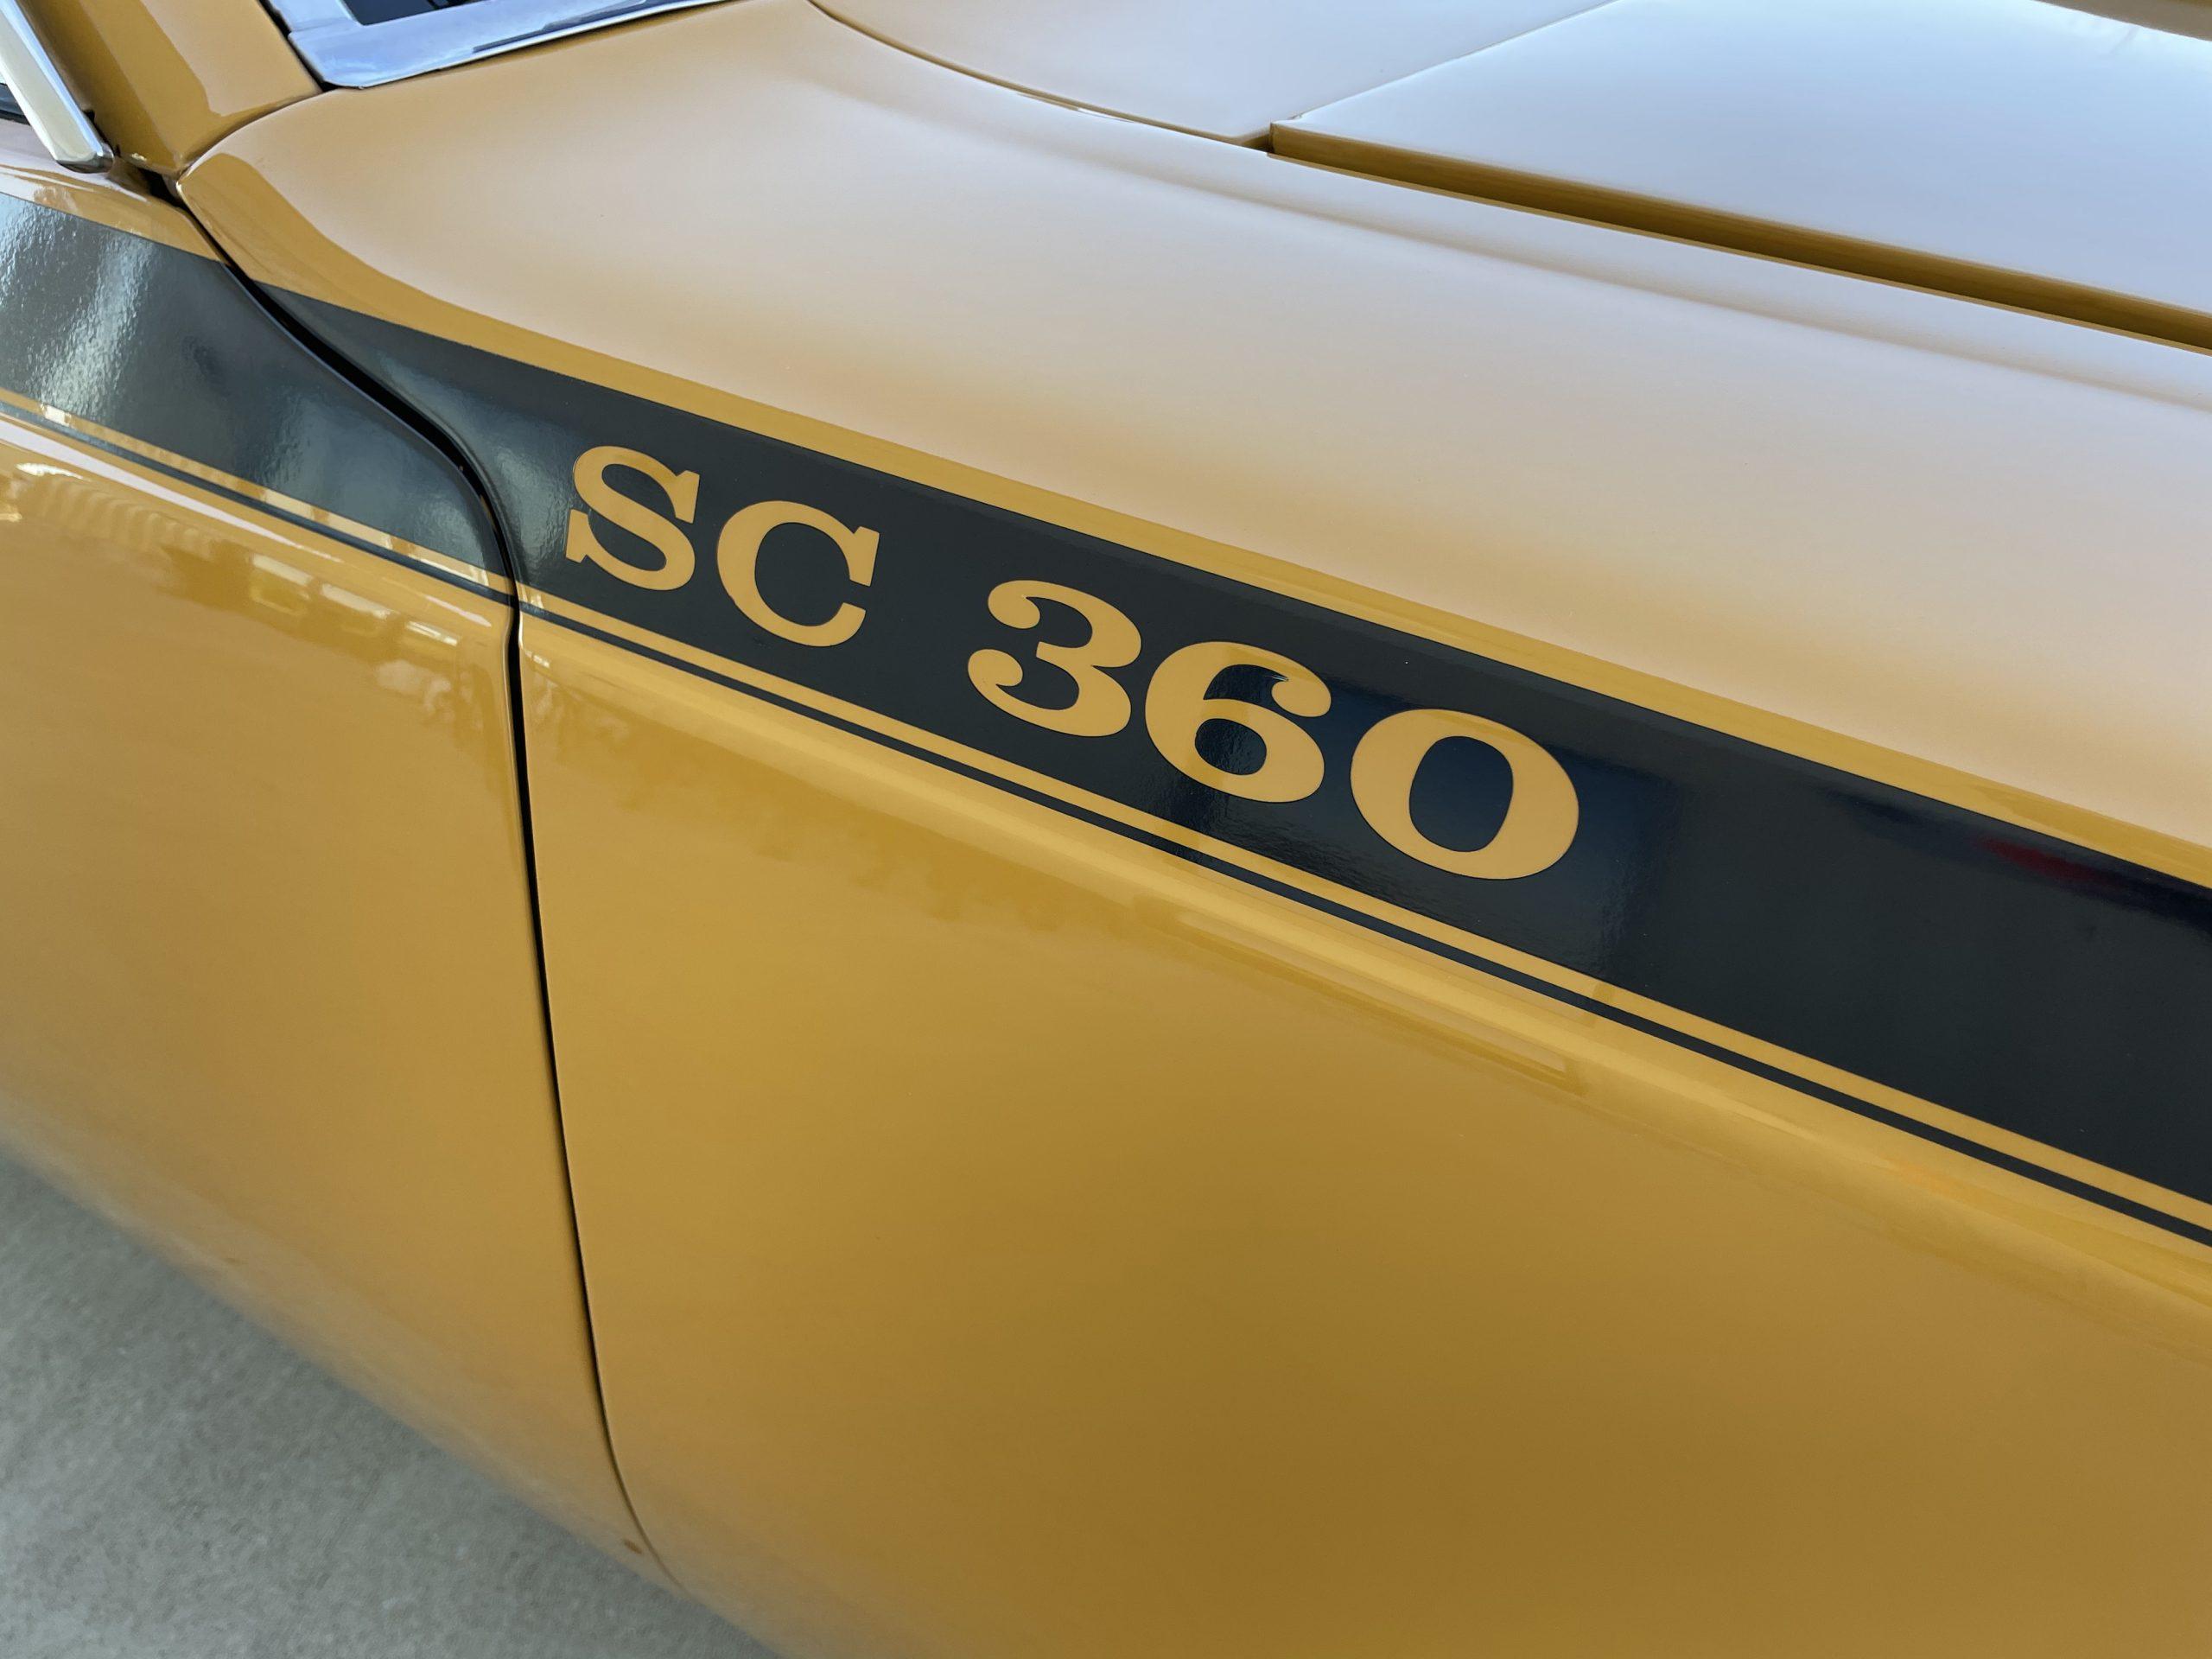 1971-AMC-Hornet-SC stripe detail